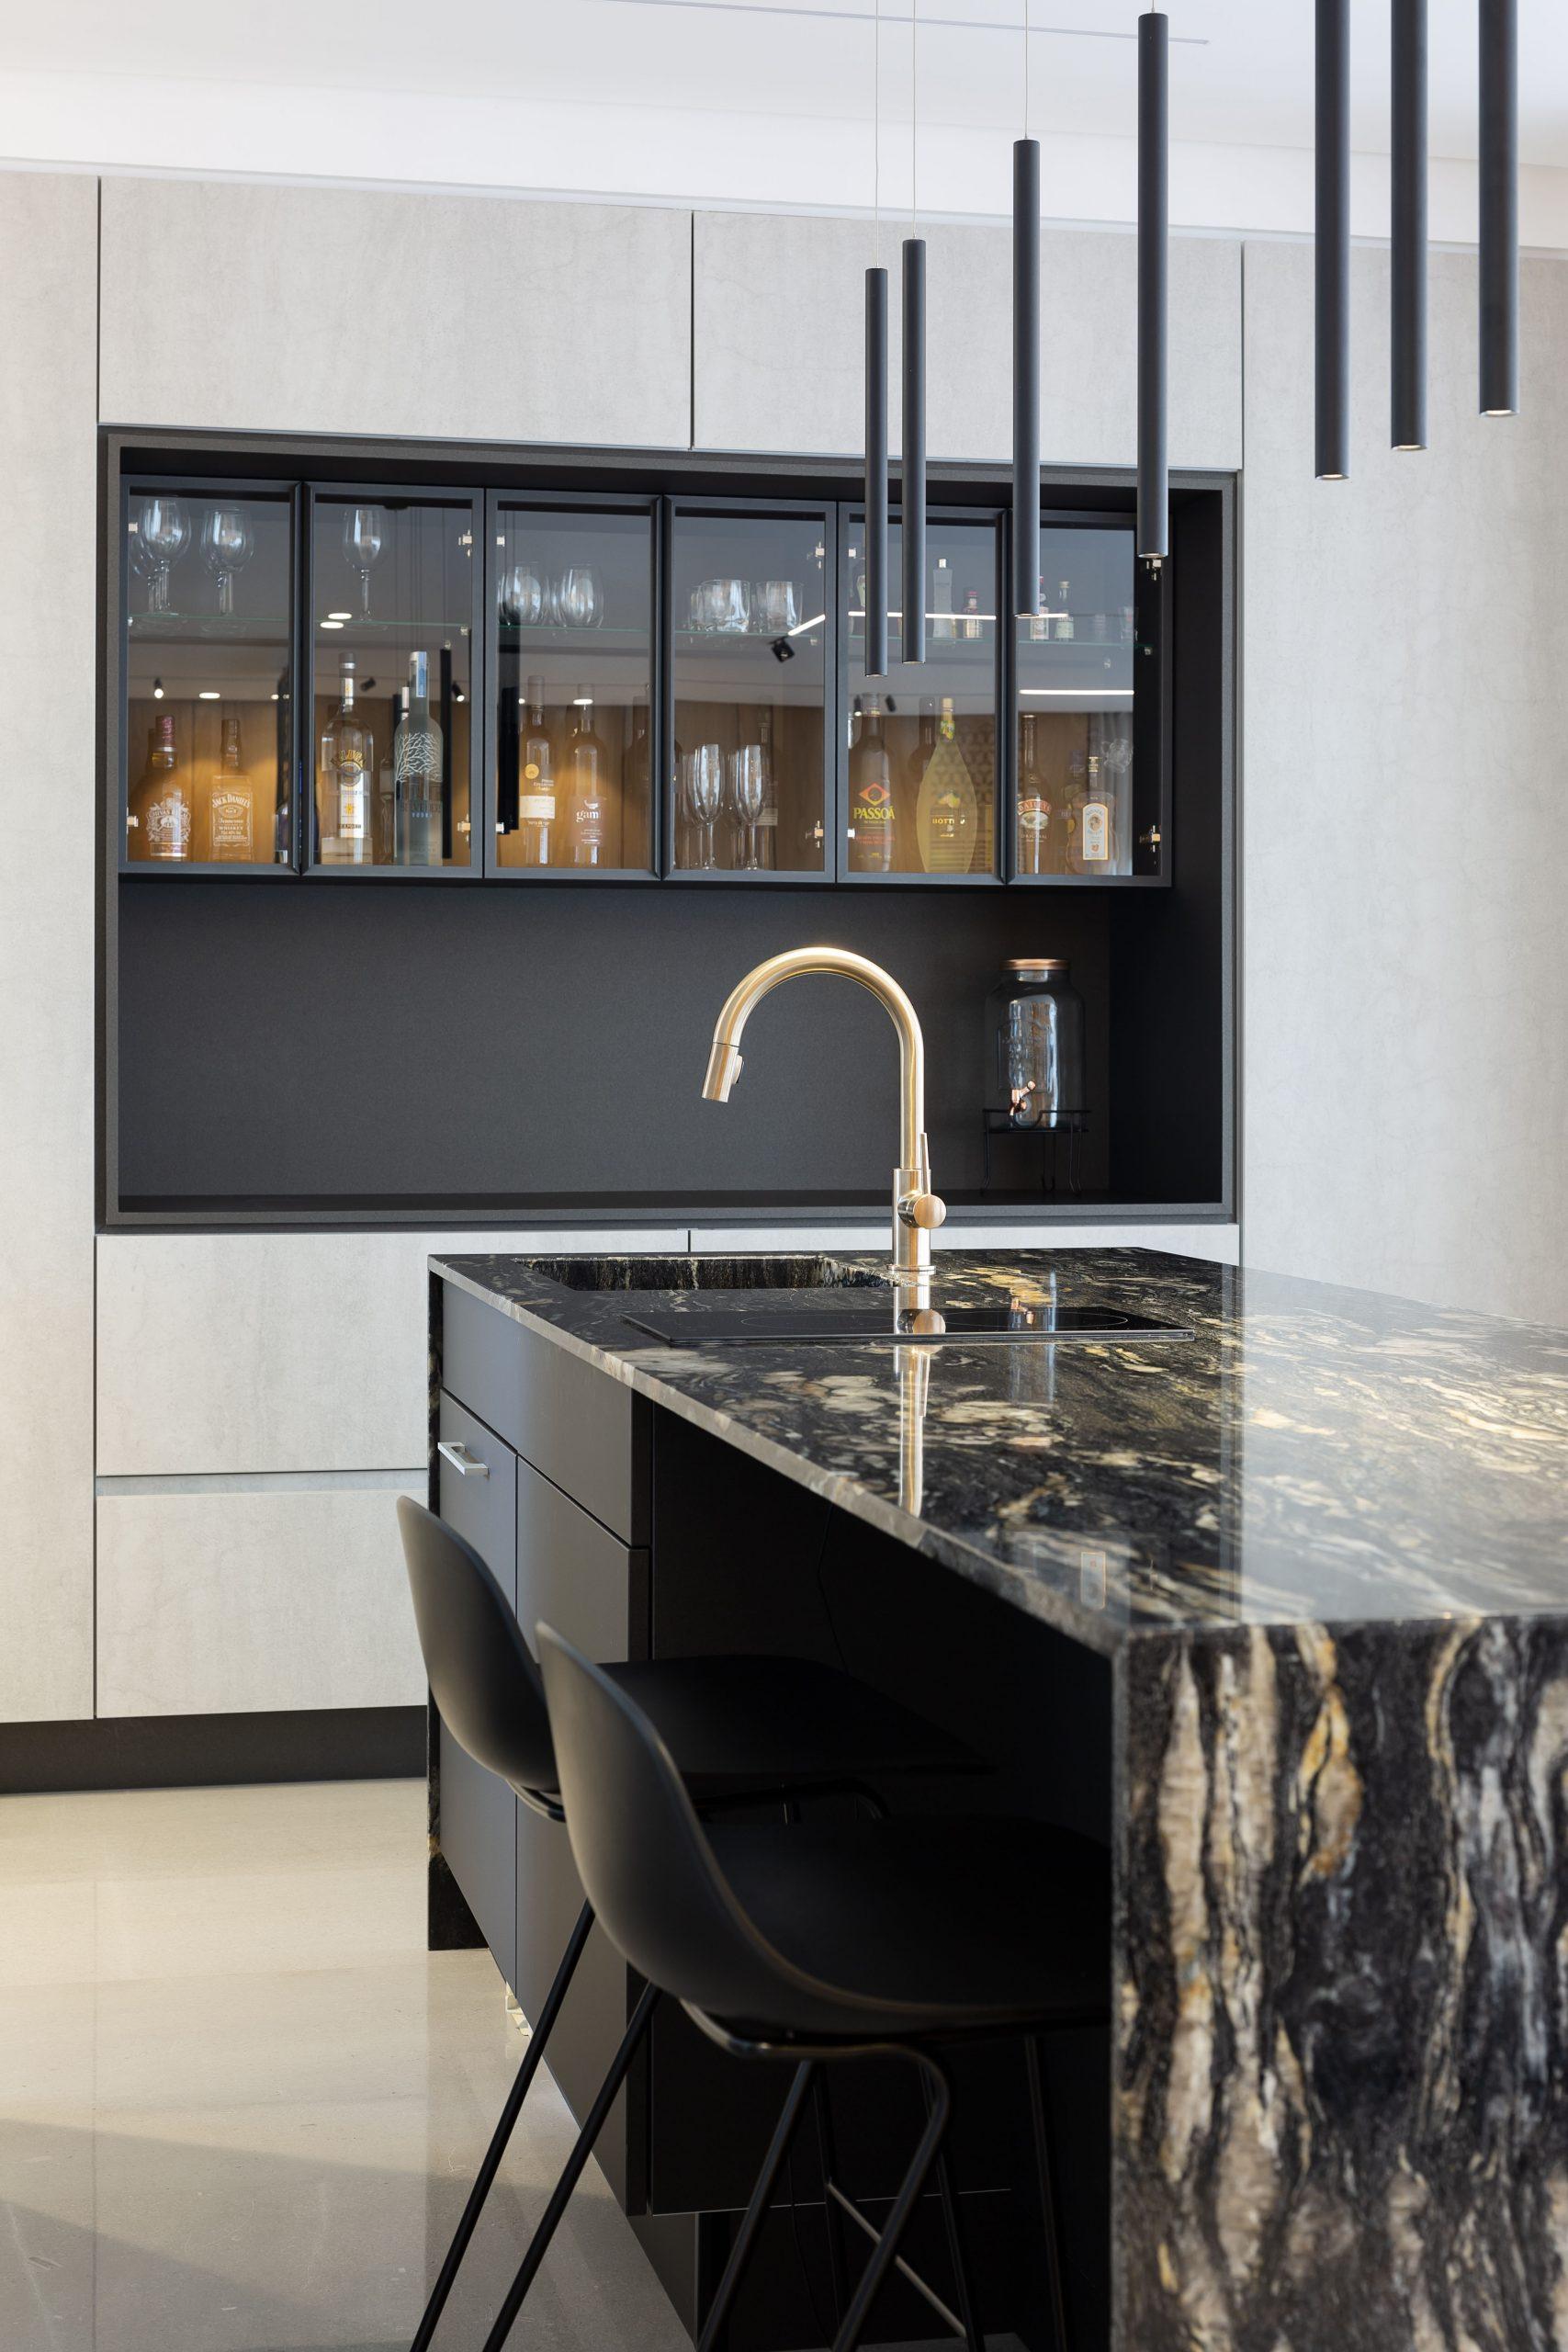 עיצוב מודרני למטבח בוילה בעכו